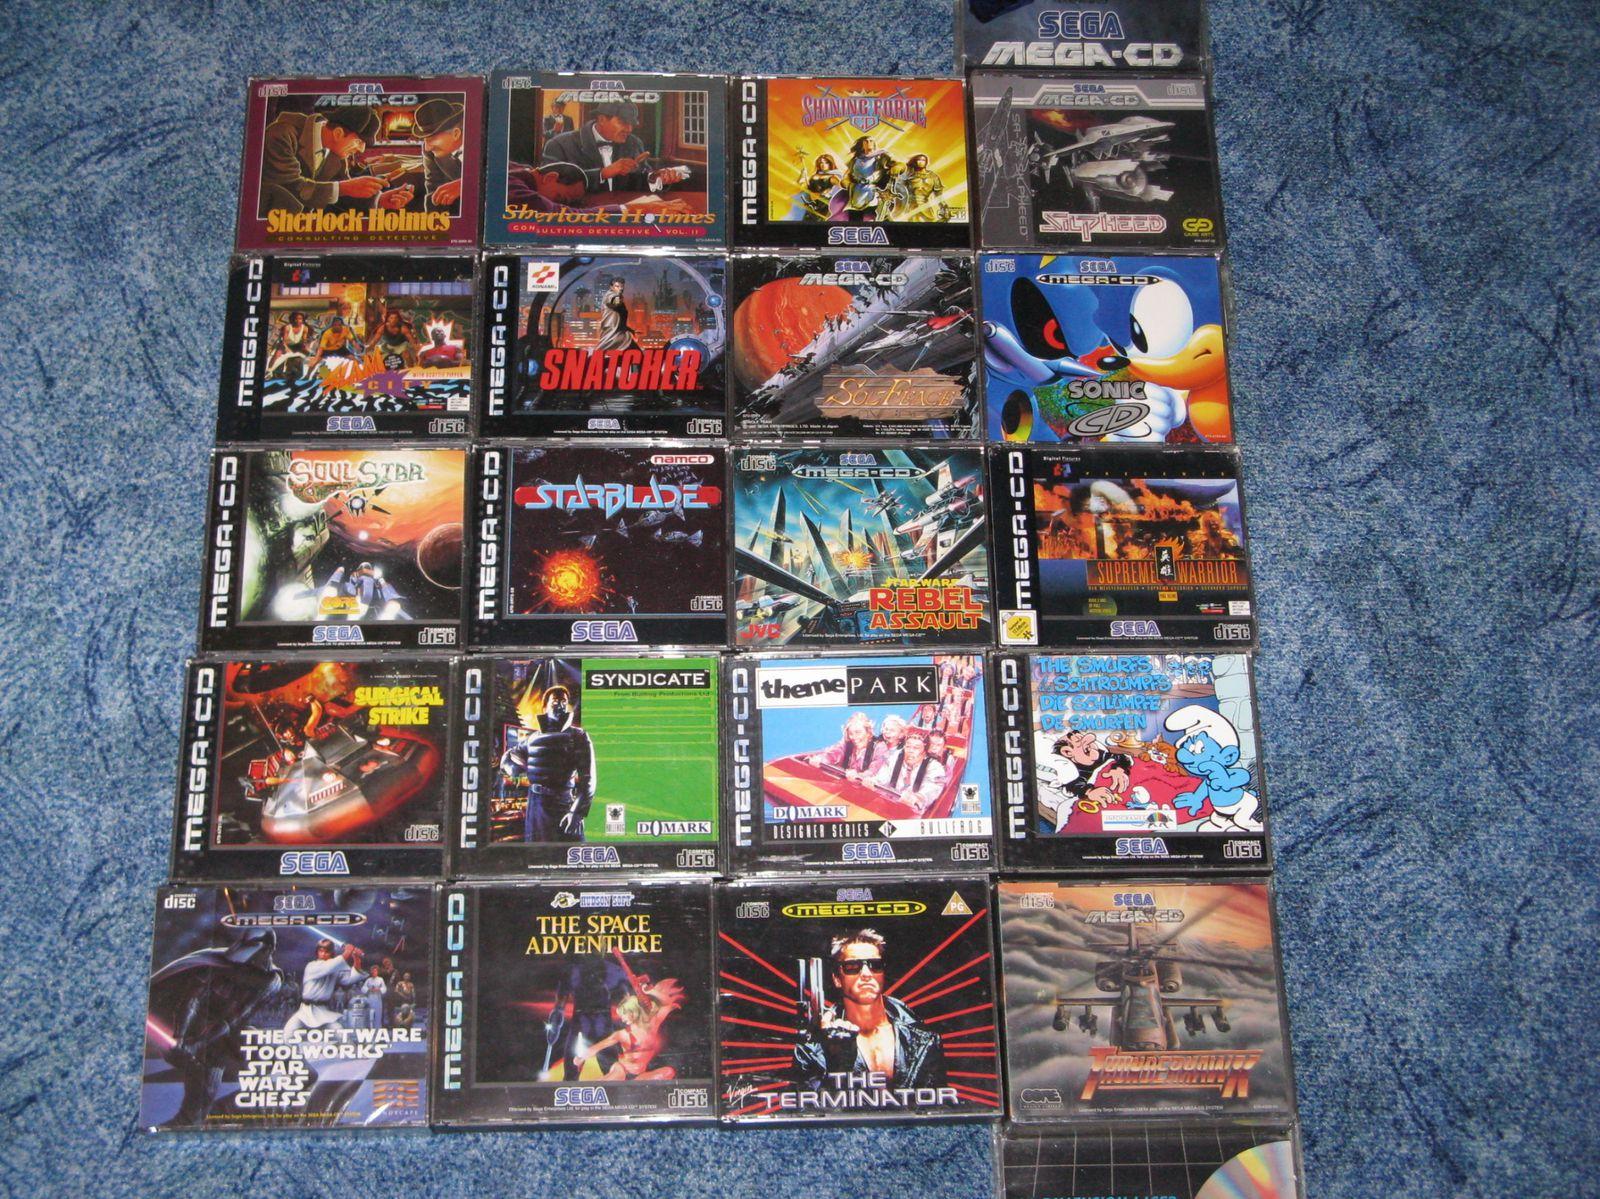 Collection 100 % Mega CD! Full set mega cd pal in!! et Mega LD! Full-set-mega-cd-pal-2415